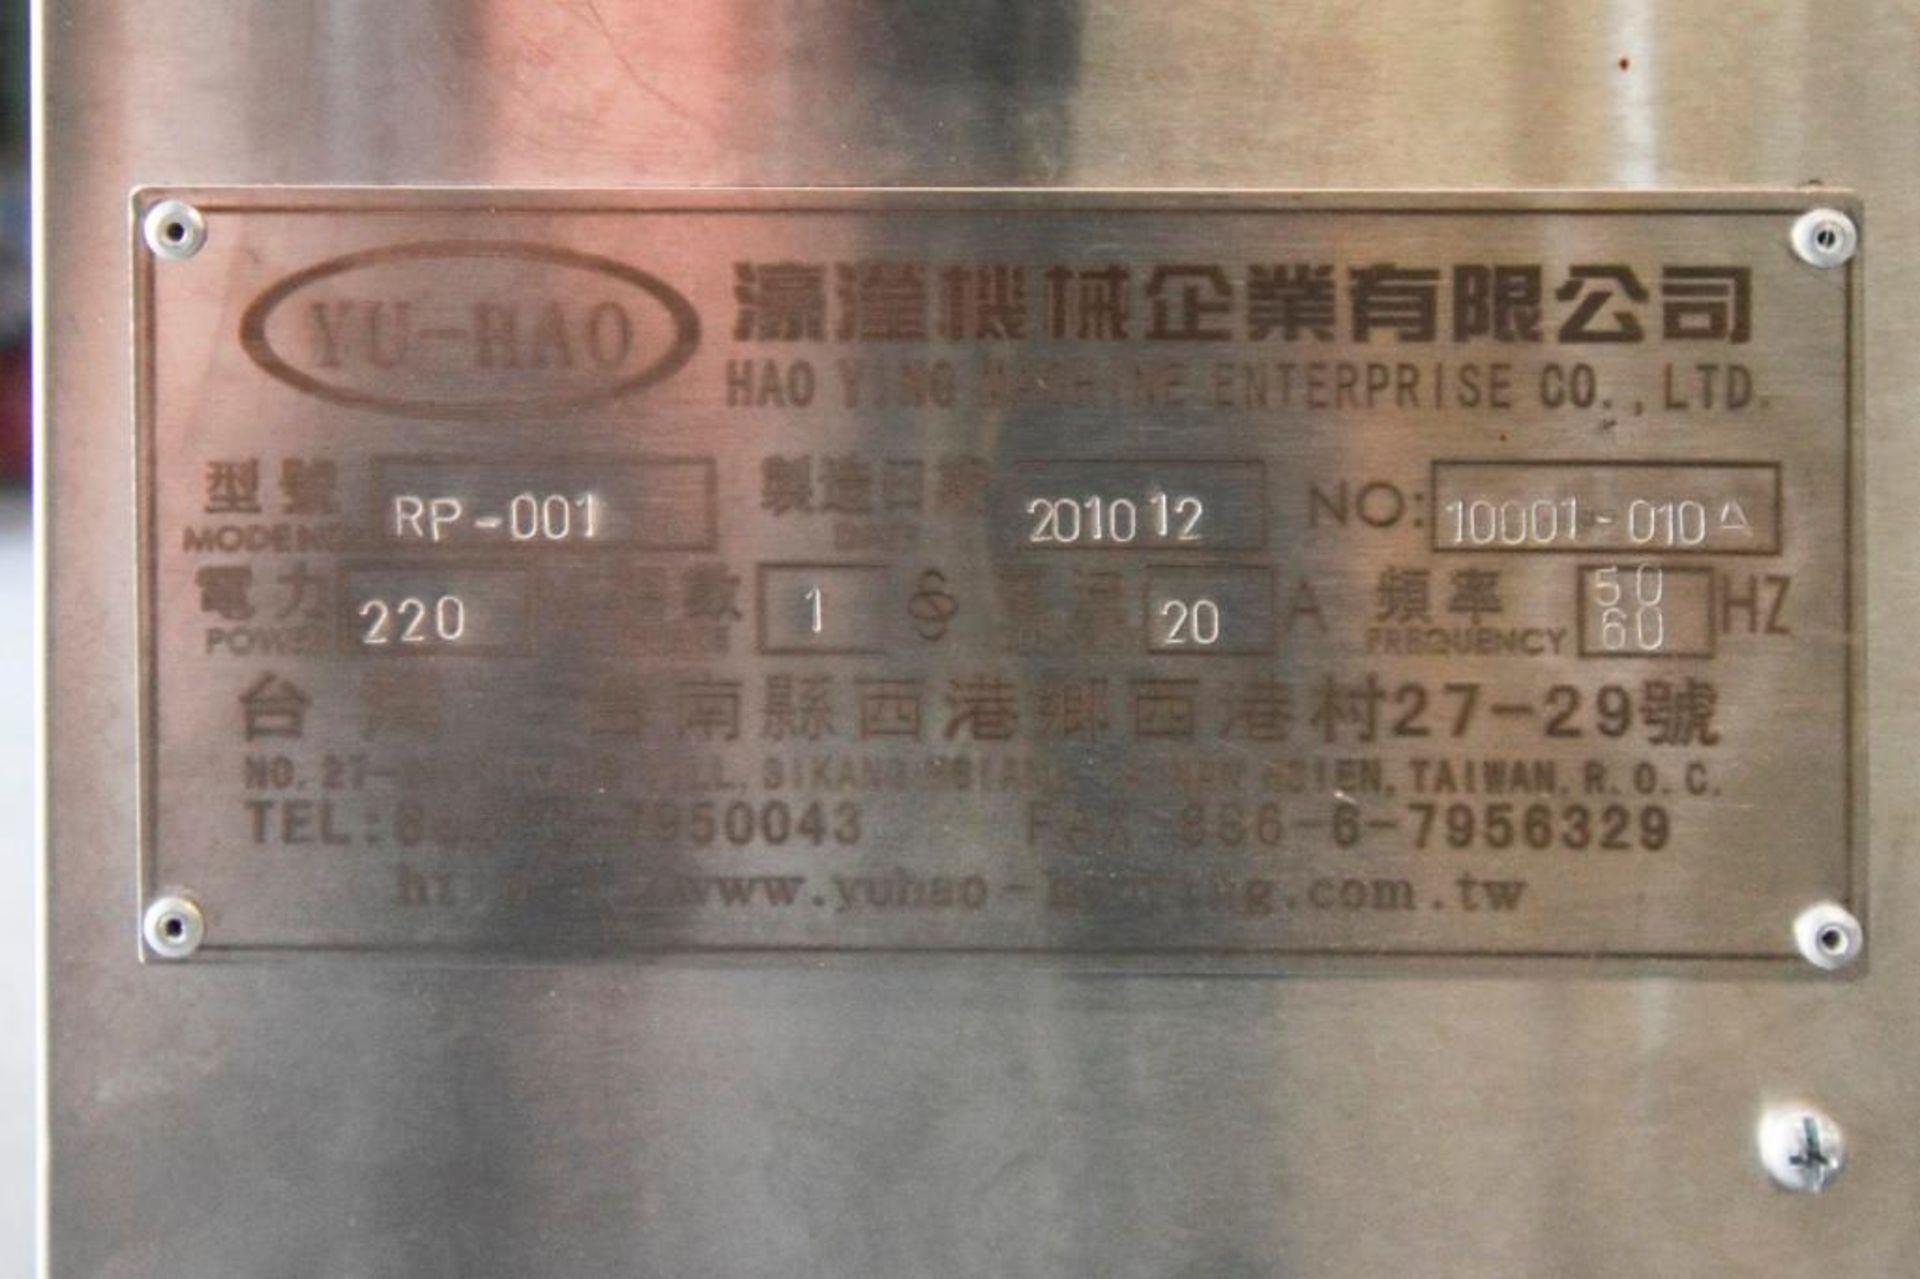 Yu Hao R-P-001 Mascara Filler - Image 5 of 15